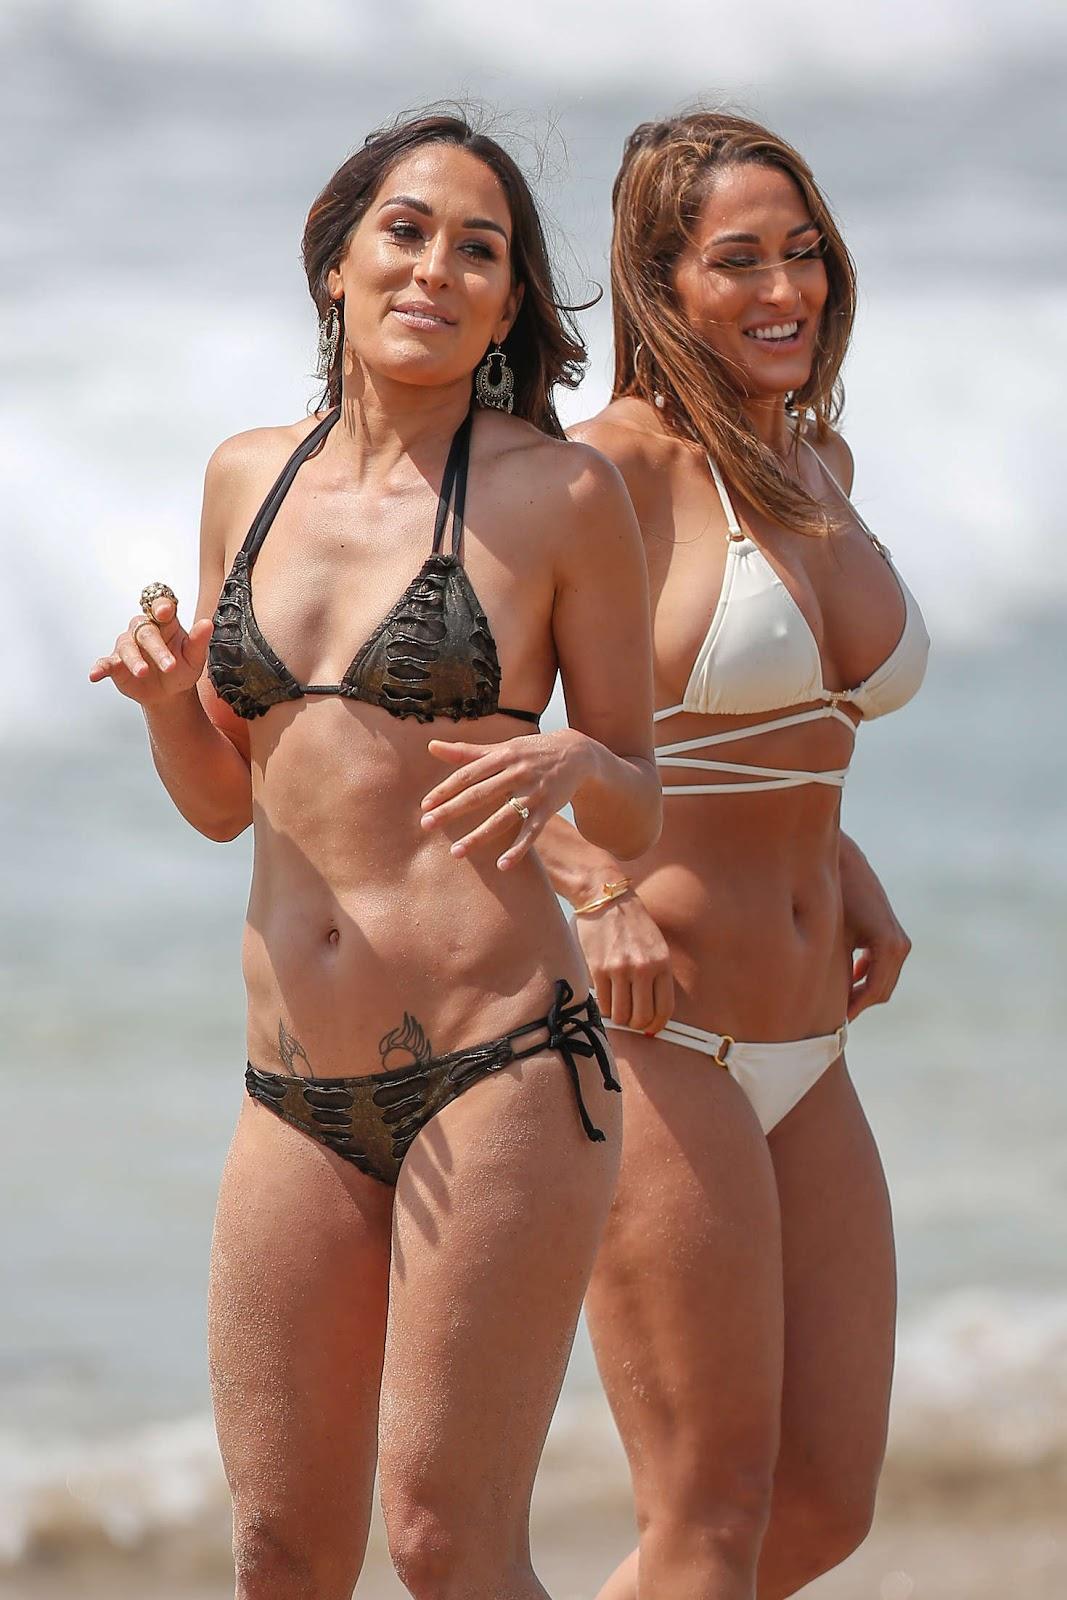 Bikini renee young 65+ Hot